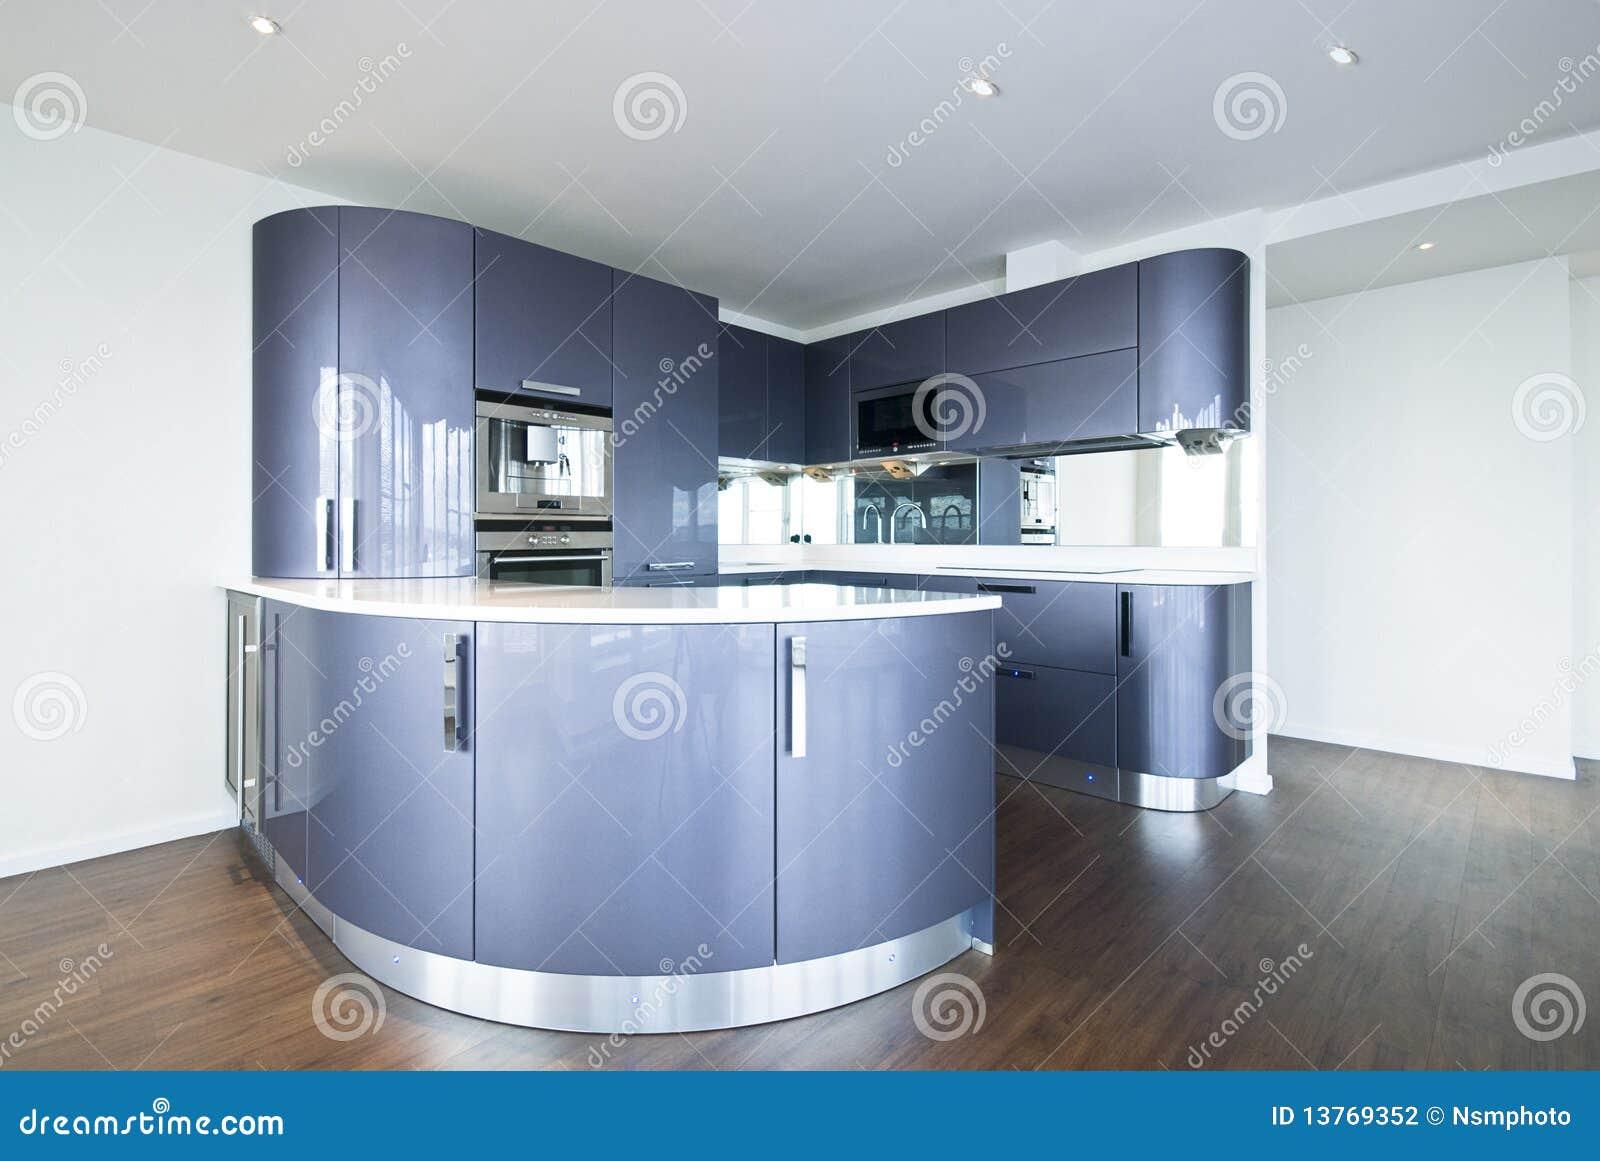 蓝色设计员高厨房金属spec